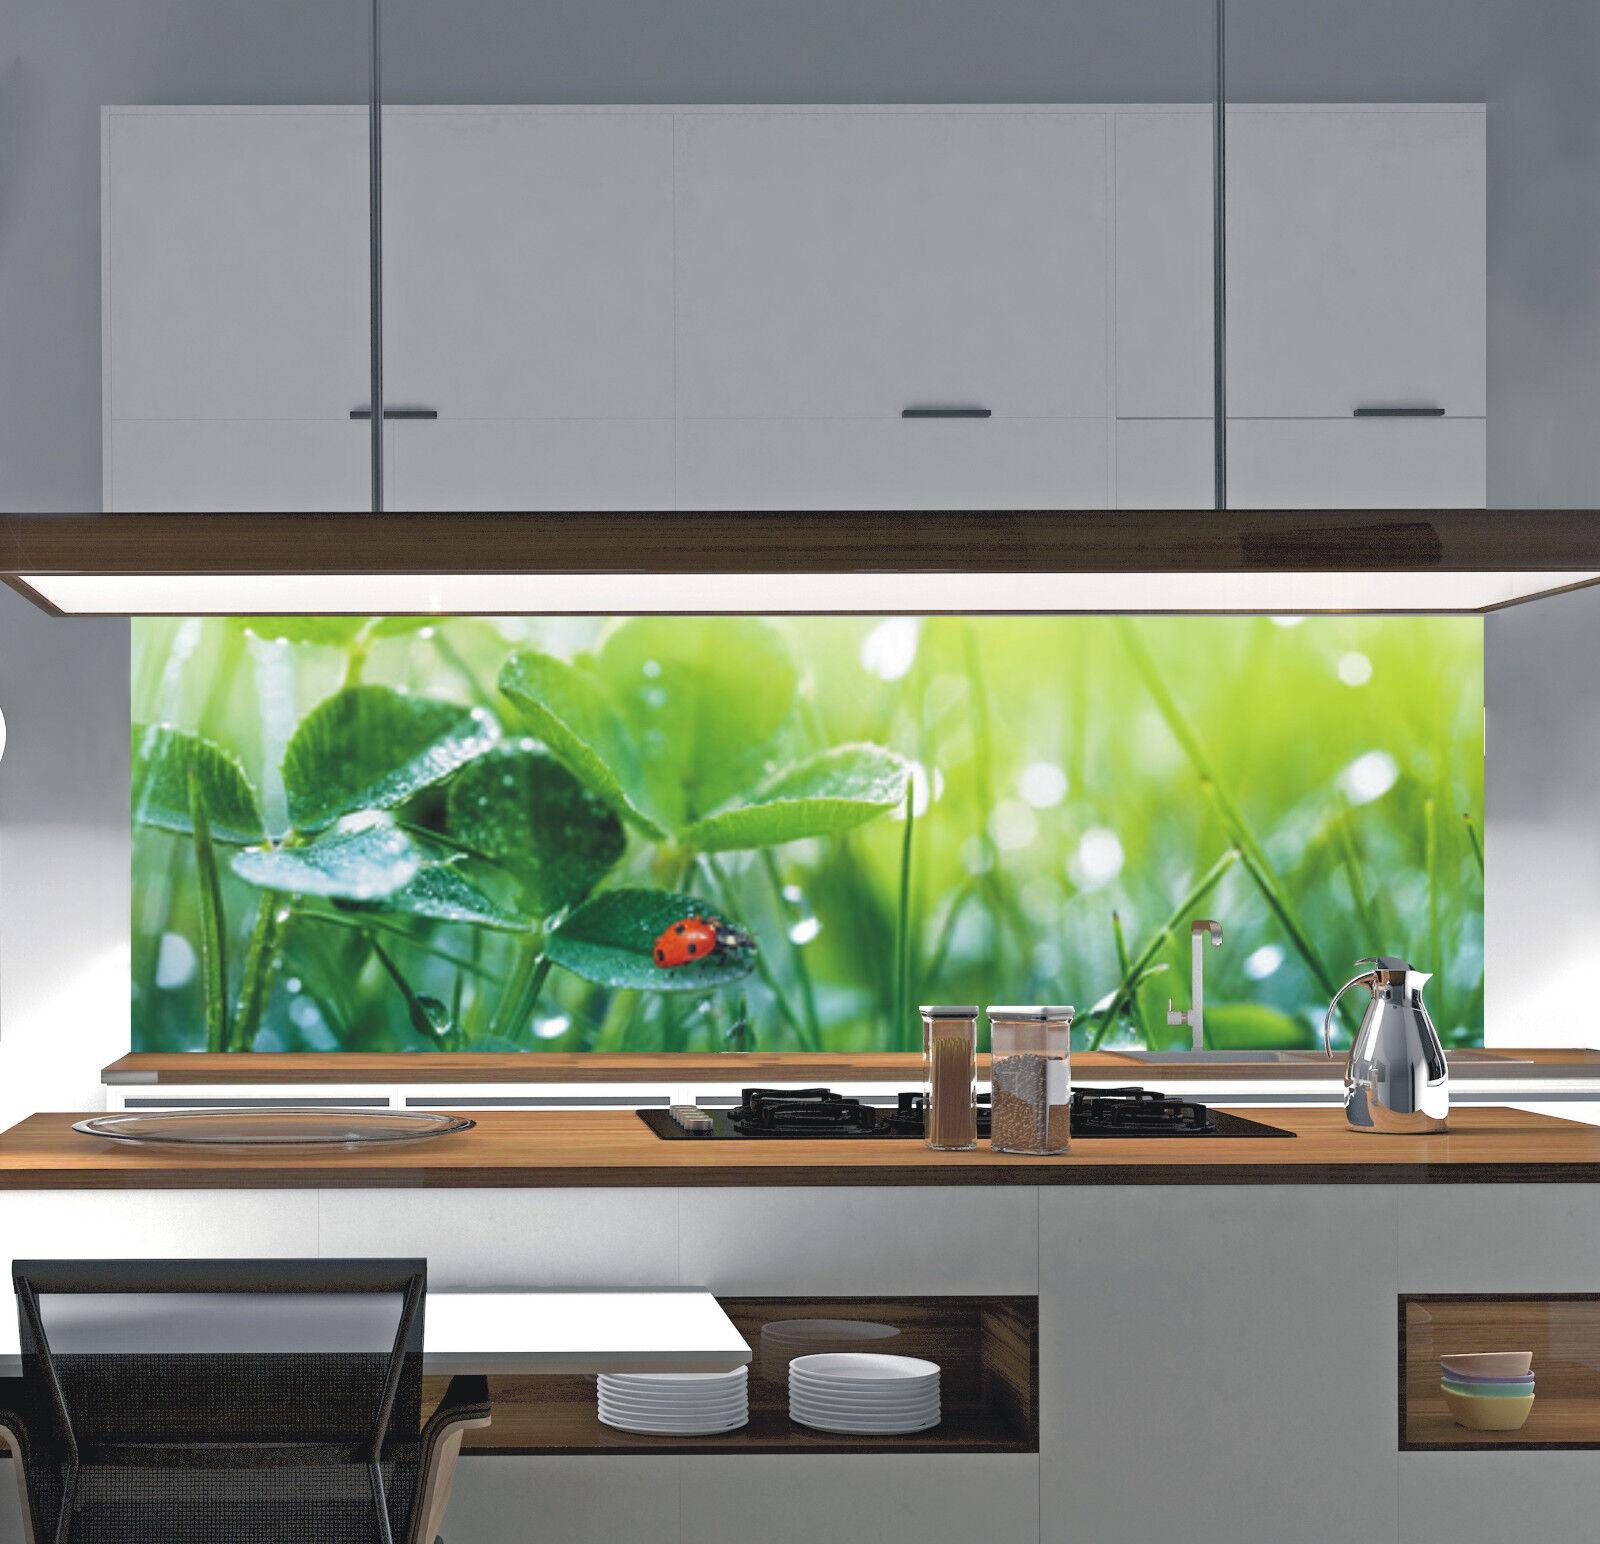 Küchenrückwand Acrylglas Spritzschutz nach Maß PLEXIGLAS ...